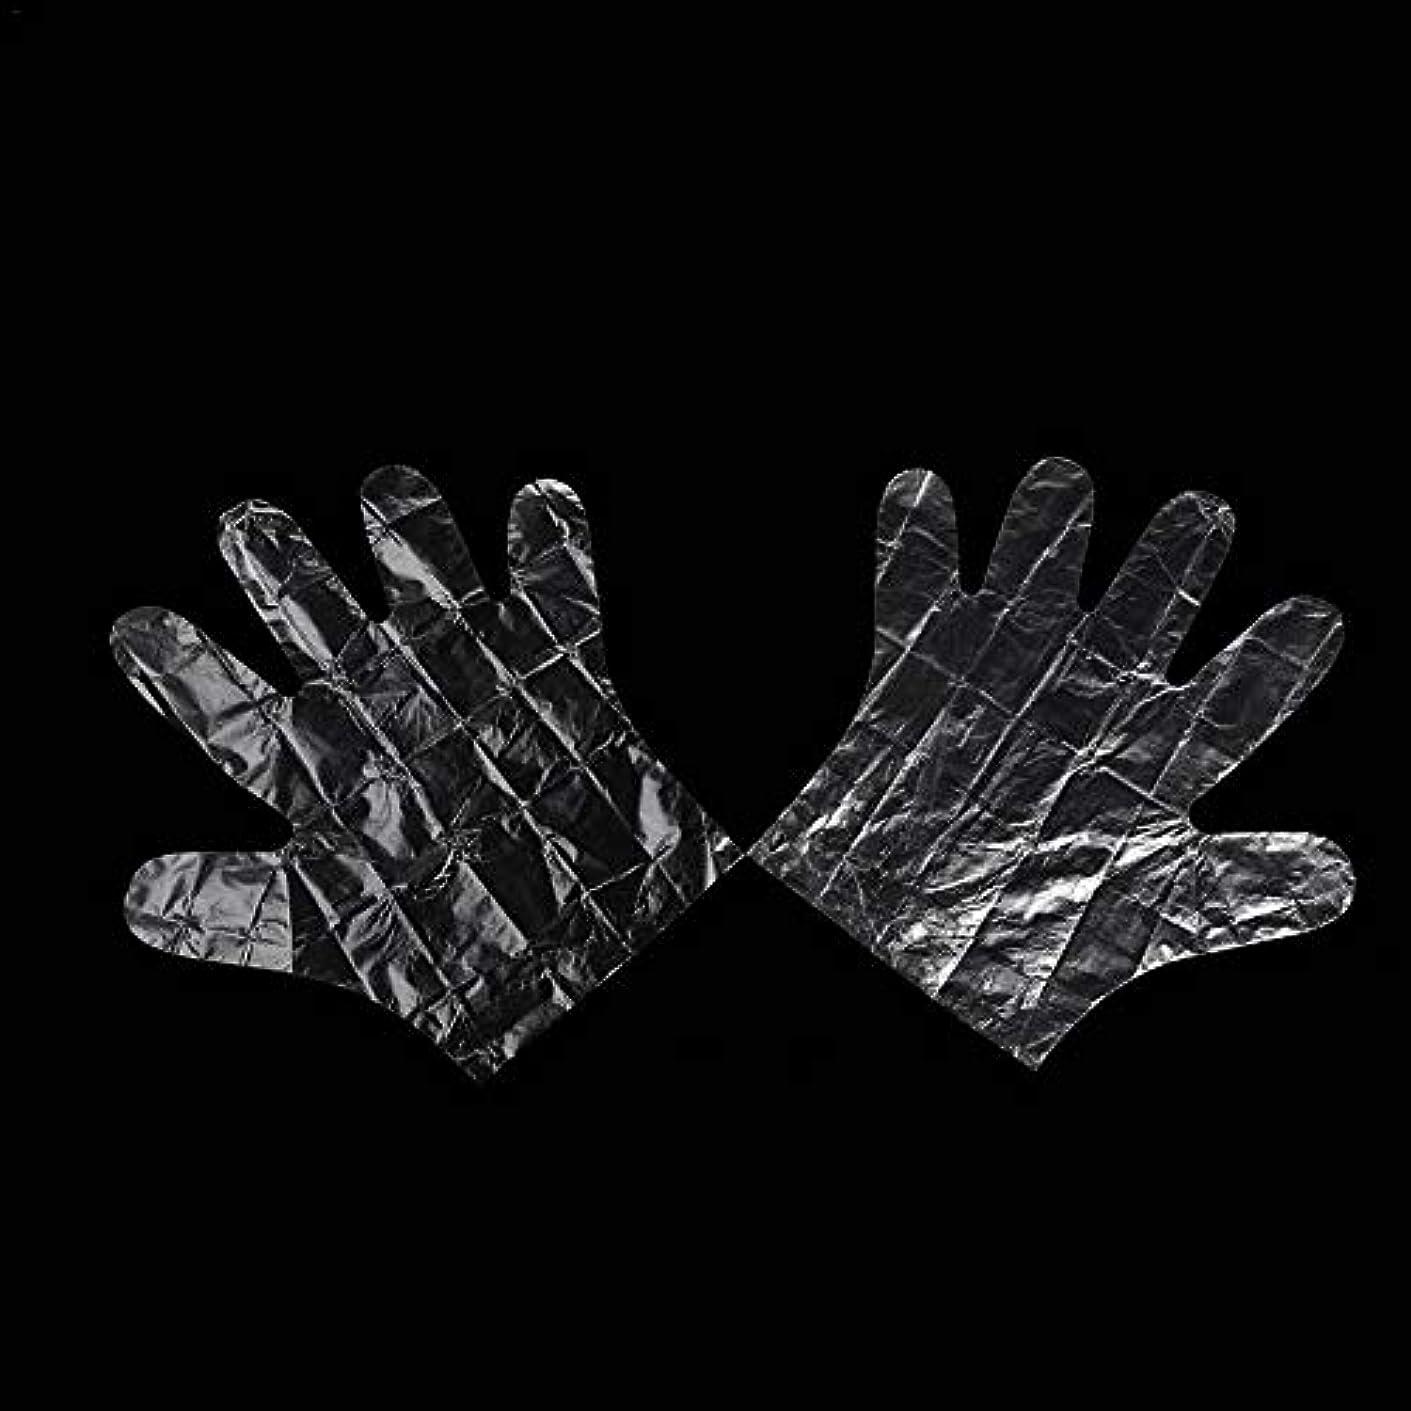 アデレード機会限定colmall 使い捨て手袋 子供用 極薄ビニール手袋 ポリエチレン 透明 実用 衛生 100枚/200m枚セット 左右兼用 on